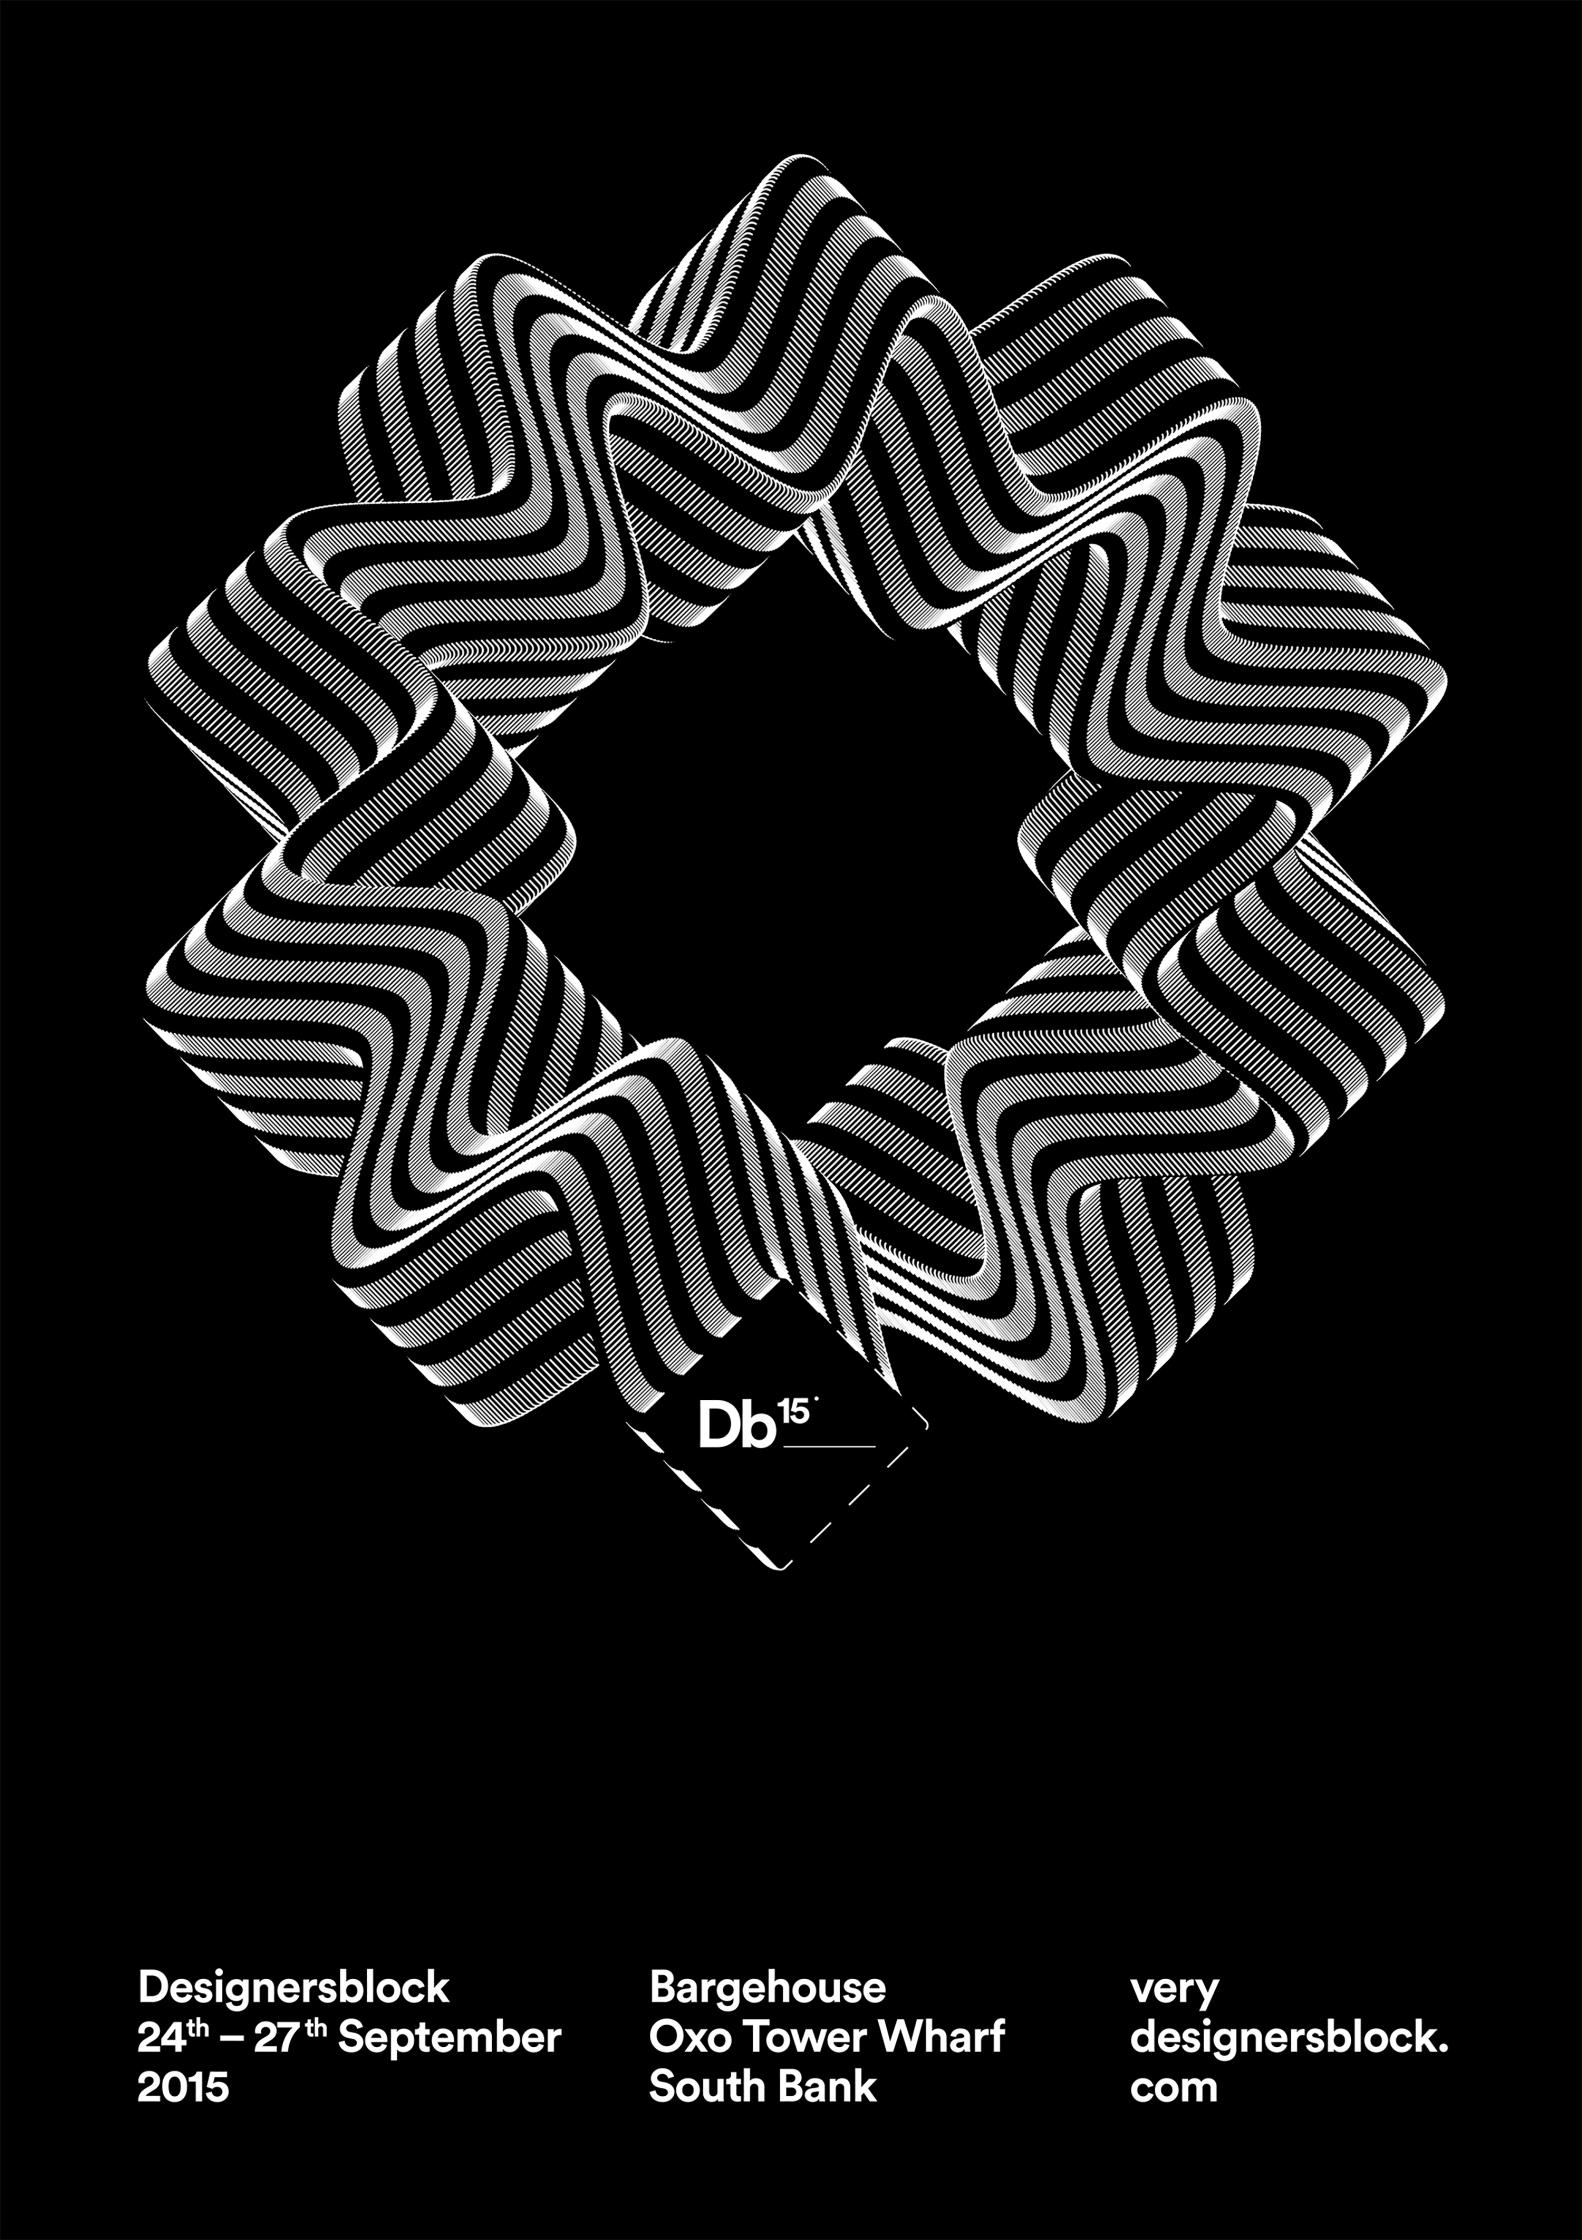 Designersblock 15